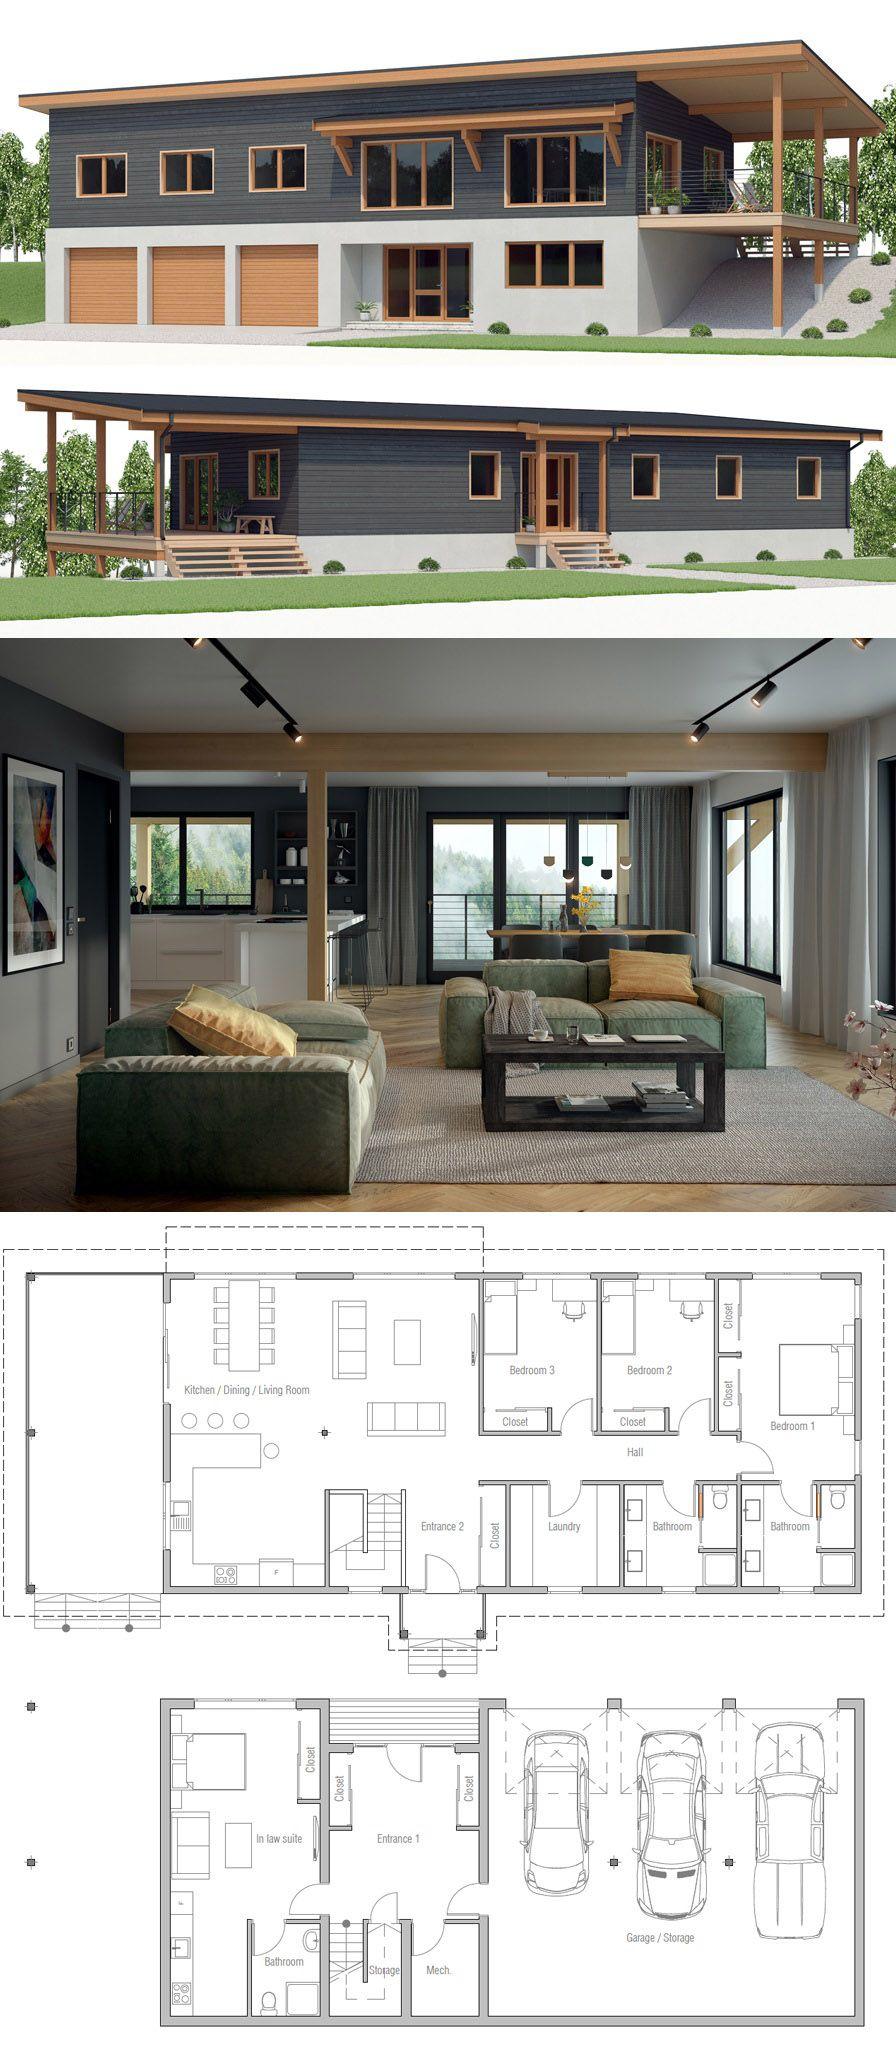 Interior designs home plans interiordesign homeplans floorplans also rh pinterest